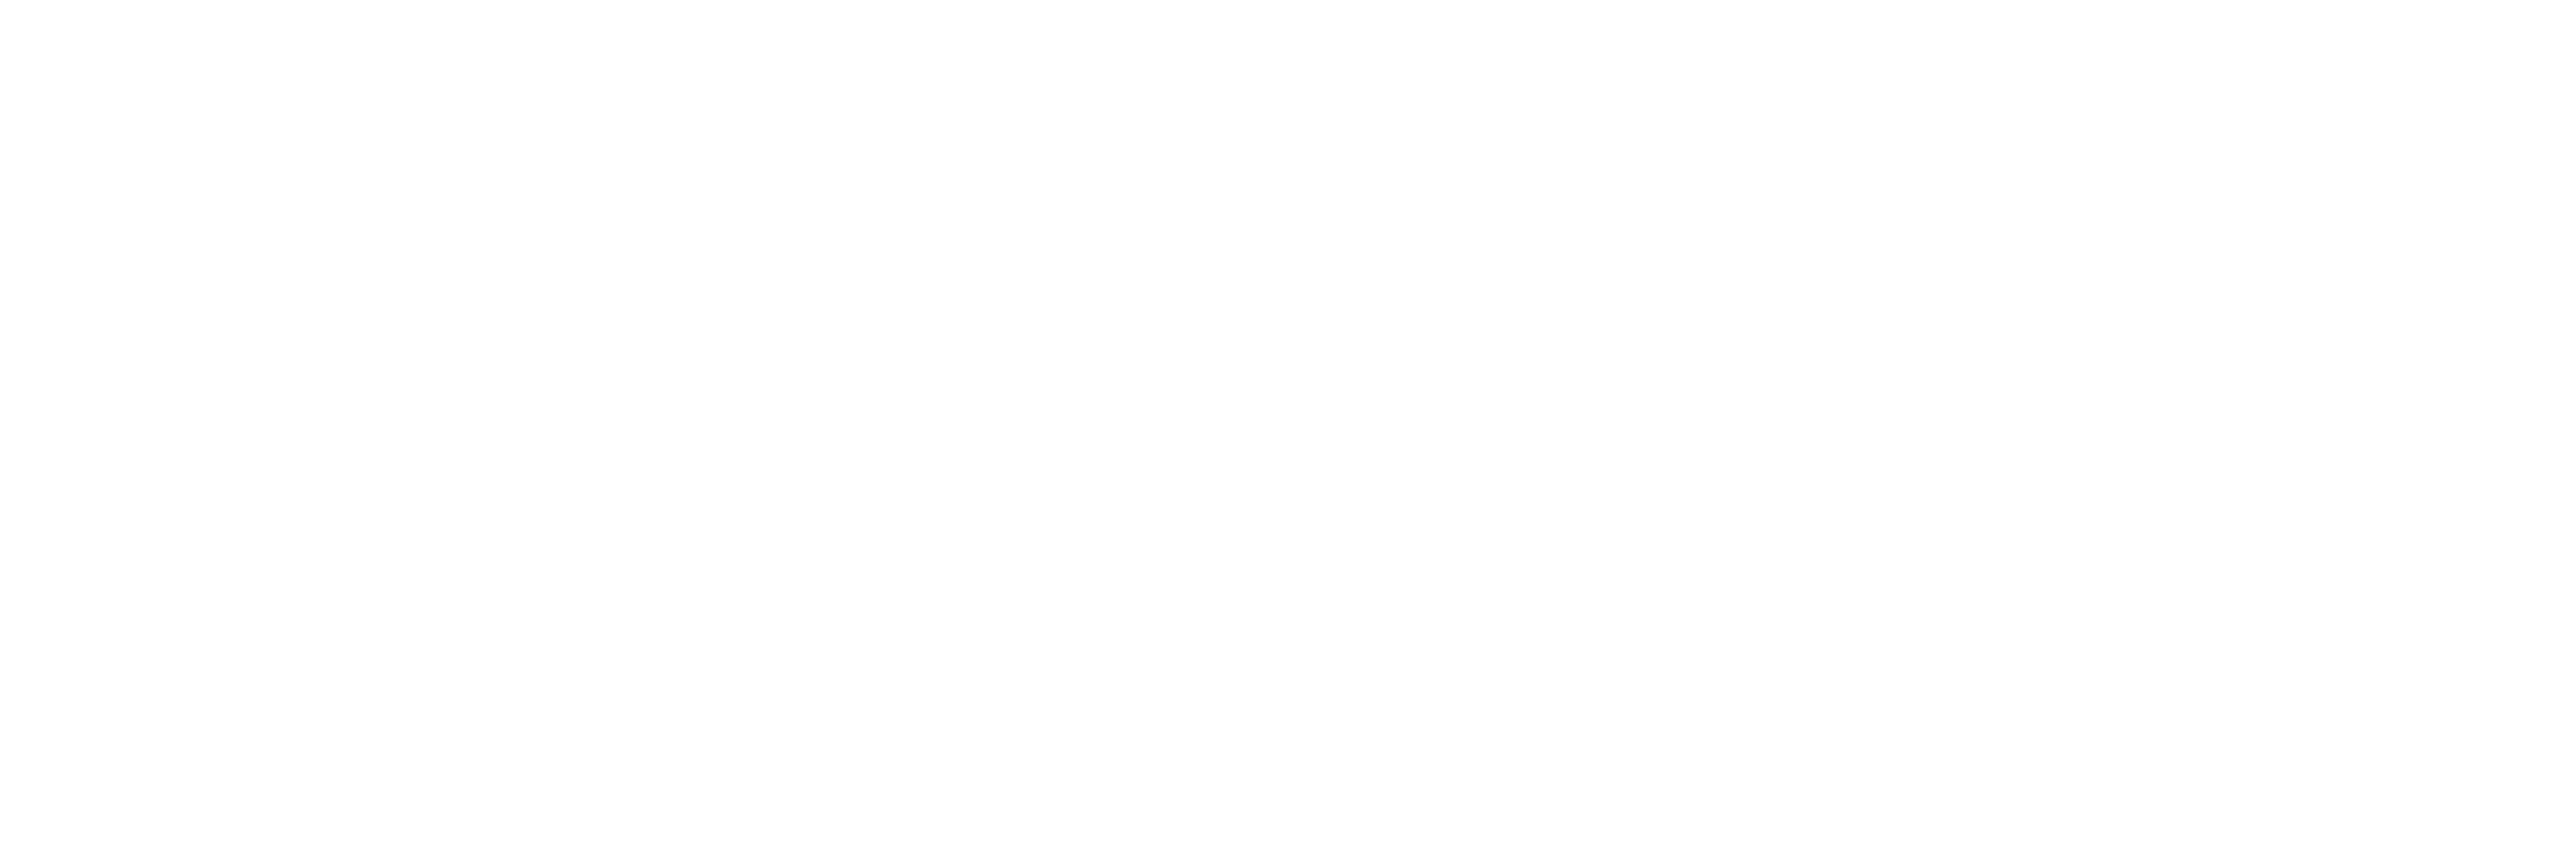 NVW_Deschutes Logo_White